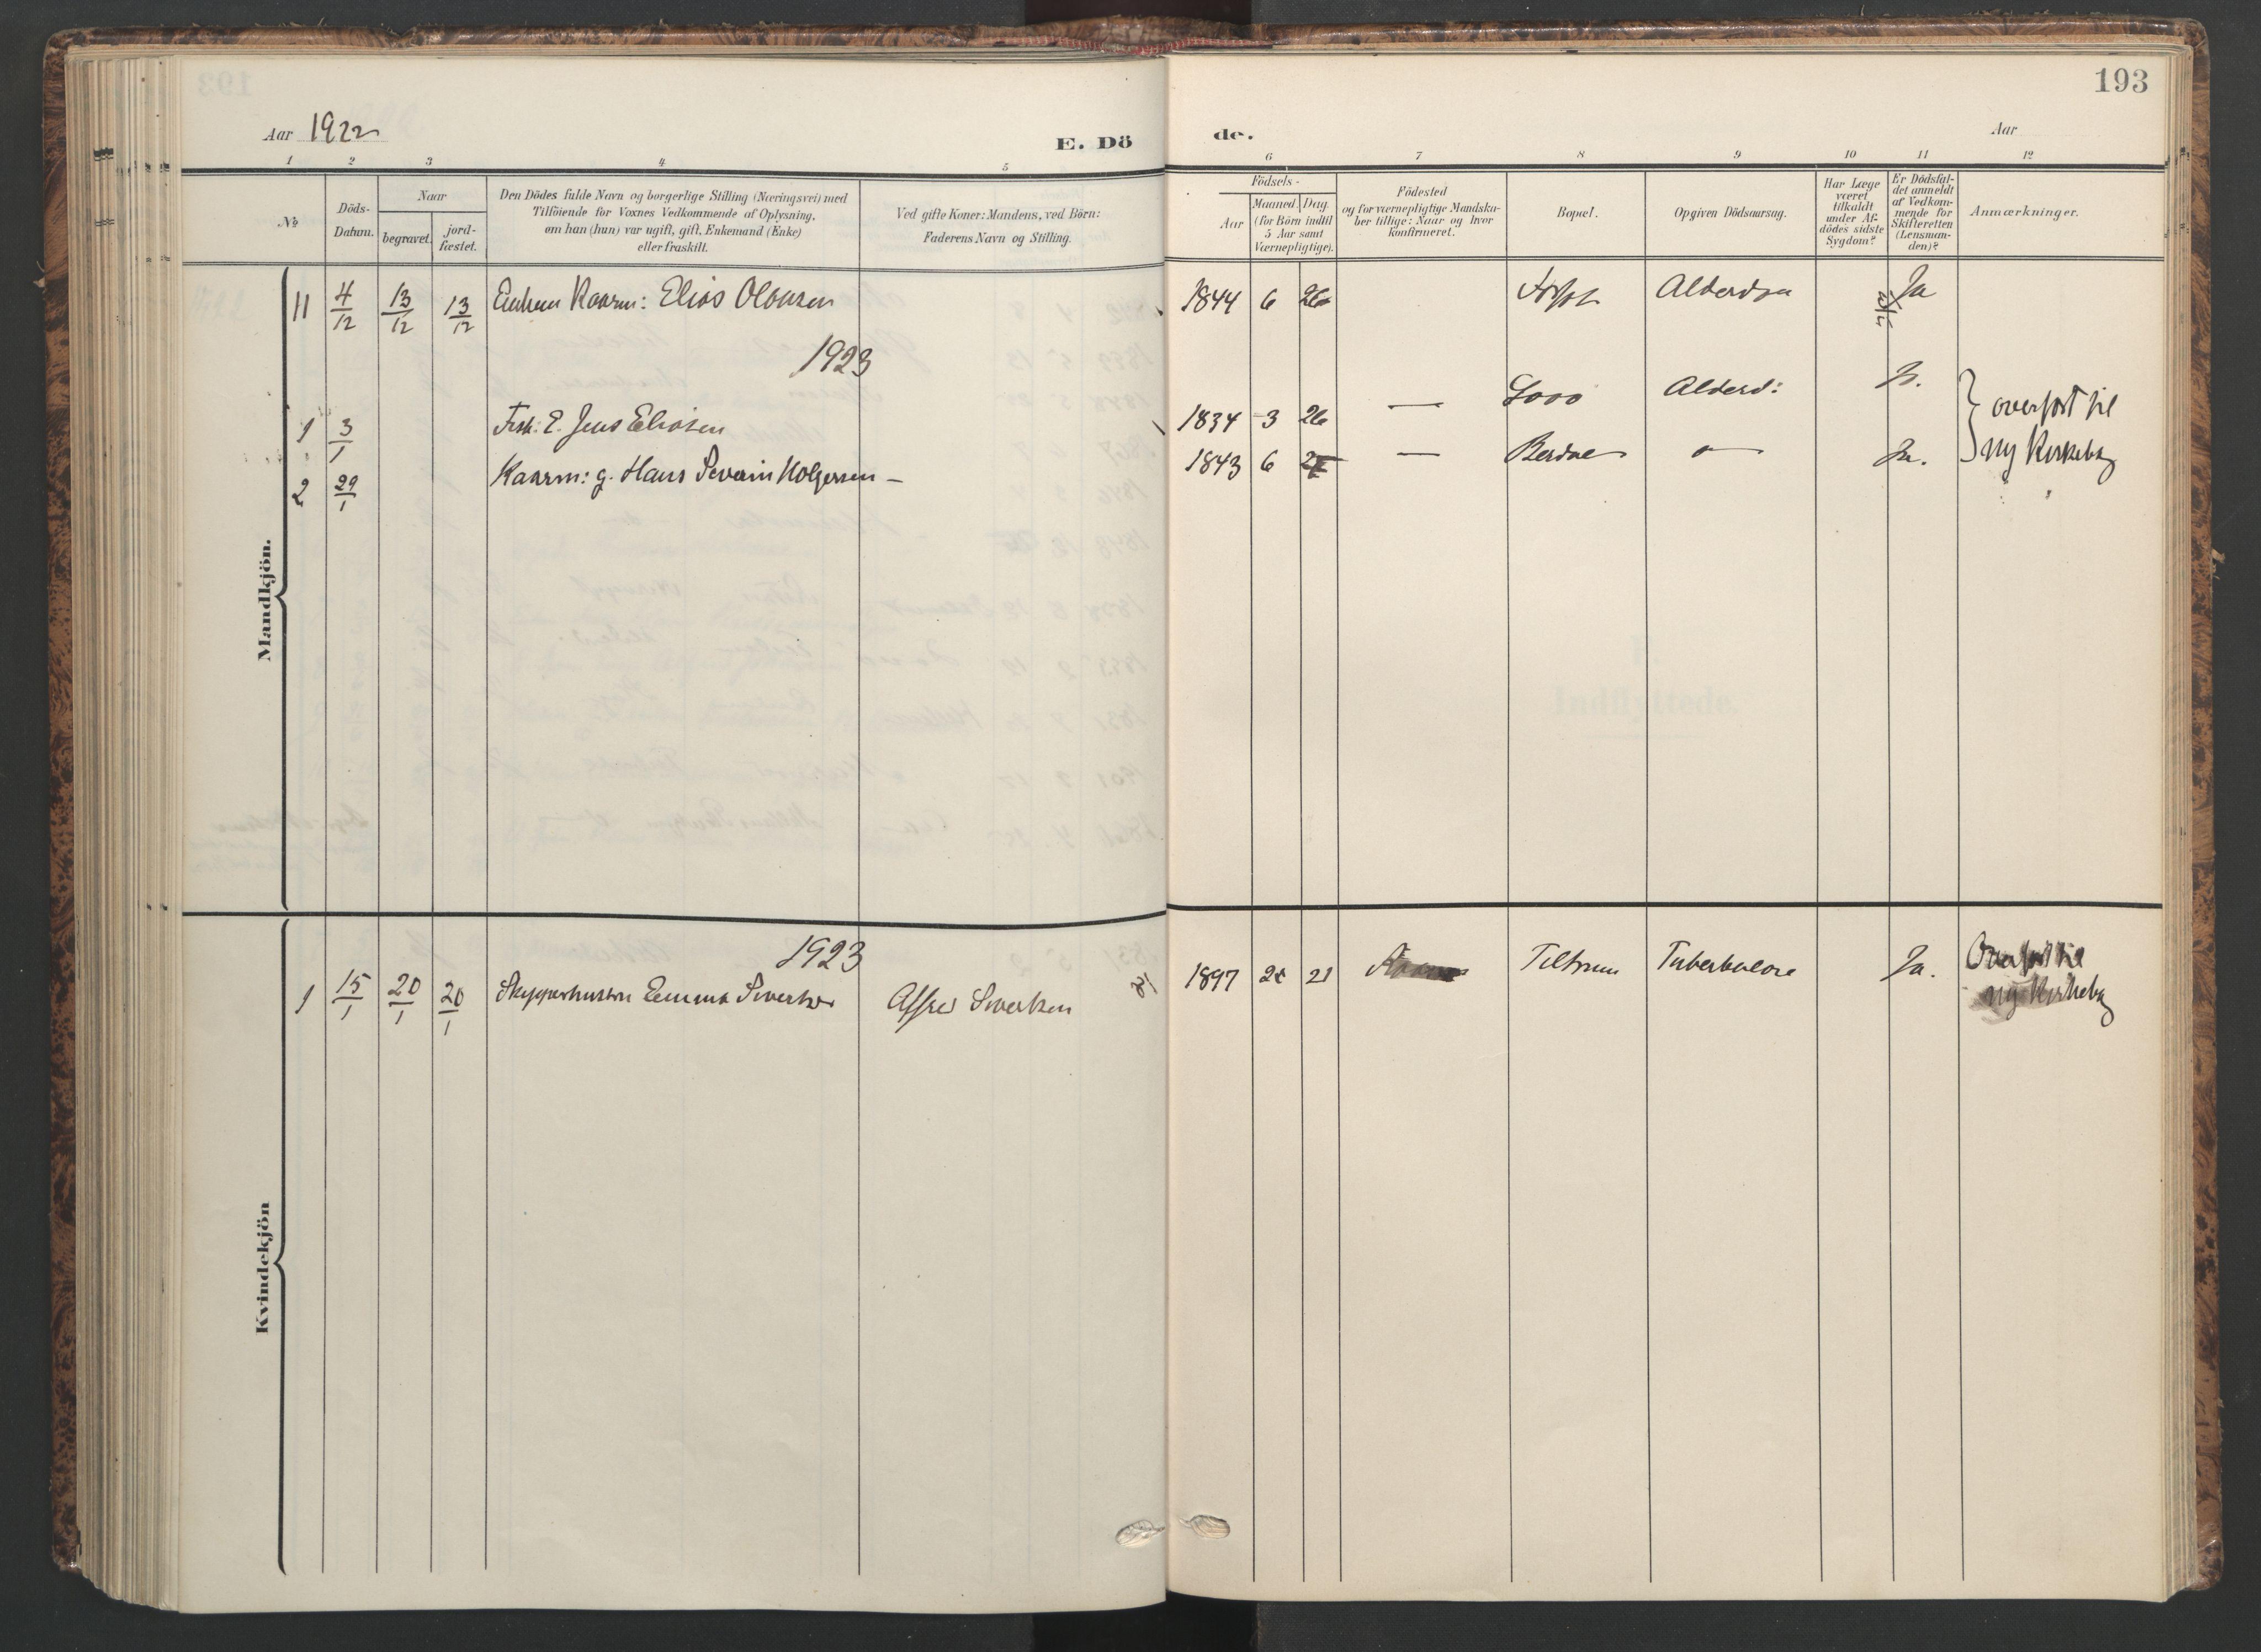 SAT, Ministerialprotokoller, klokkerbøker og fødselsregistre - Sør-Trøndelag, 655/L0682: Ministerialbok nr. 655A11, 1908-1922, s. 193